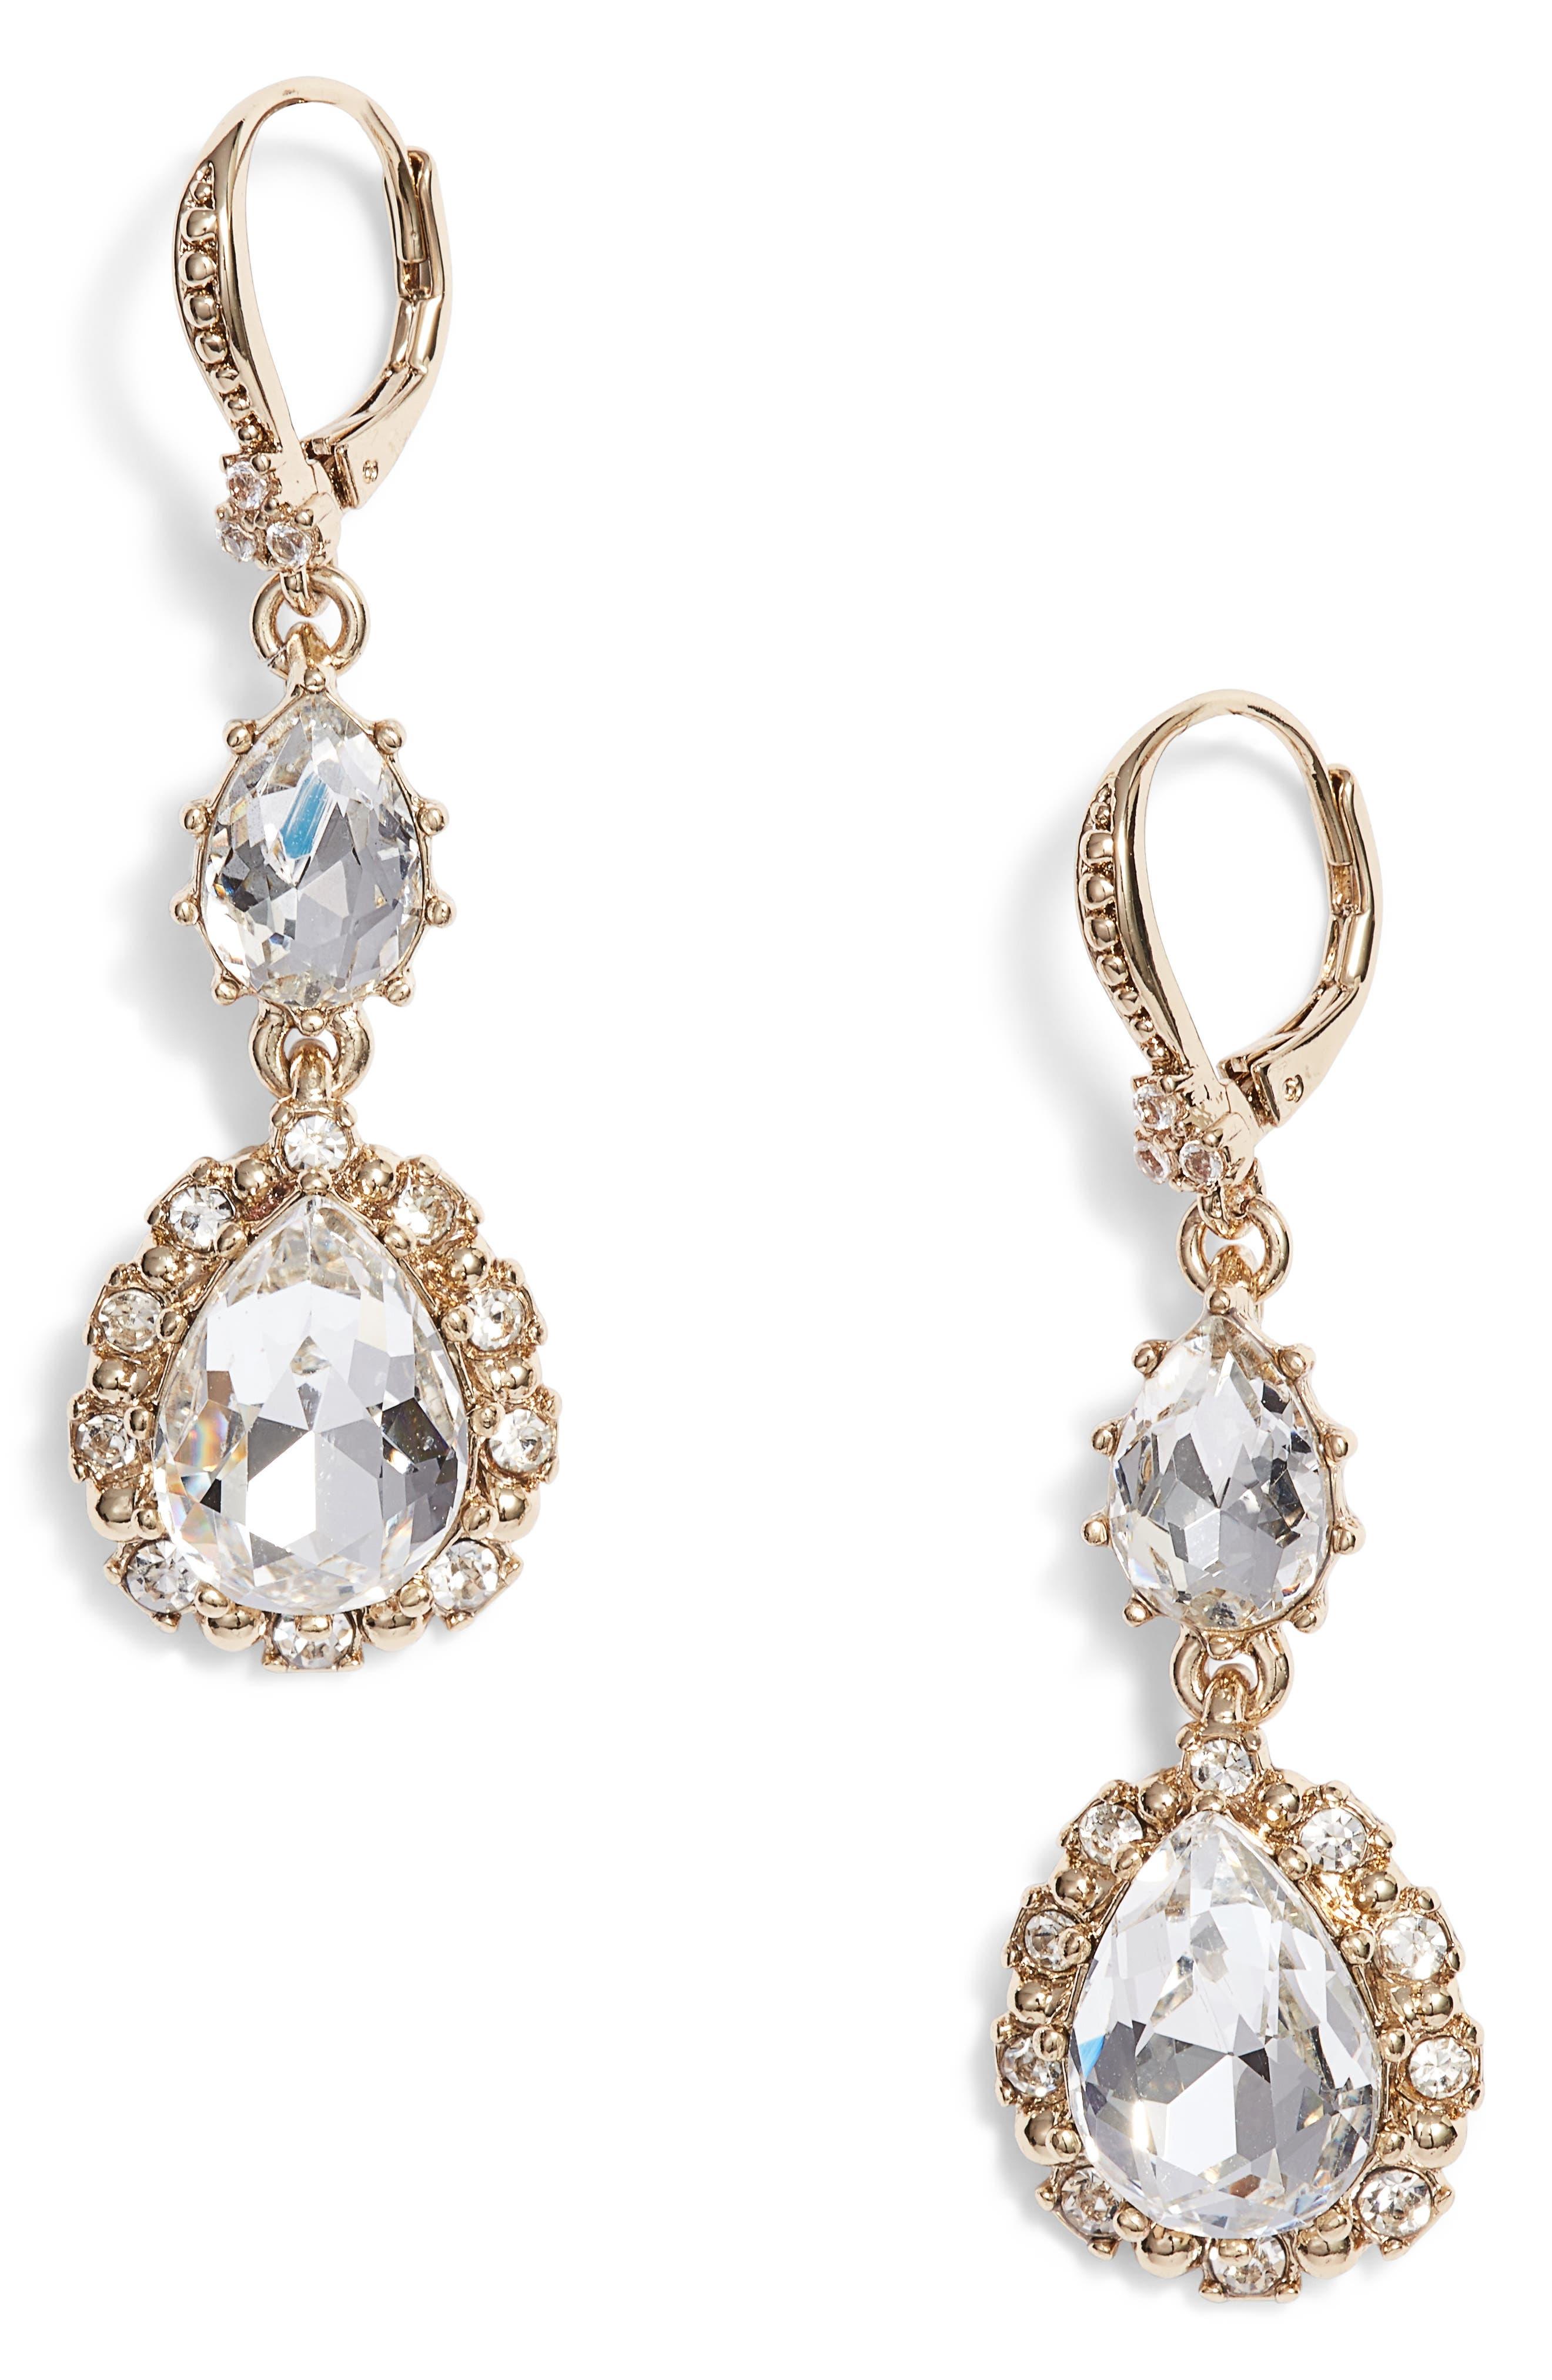 Medium Double Drop Crystal Earrings,                             Main thumbnail 1, color,                             711